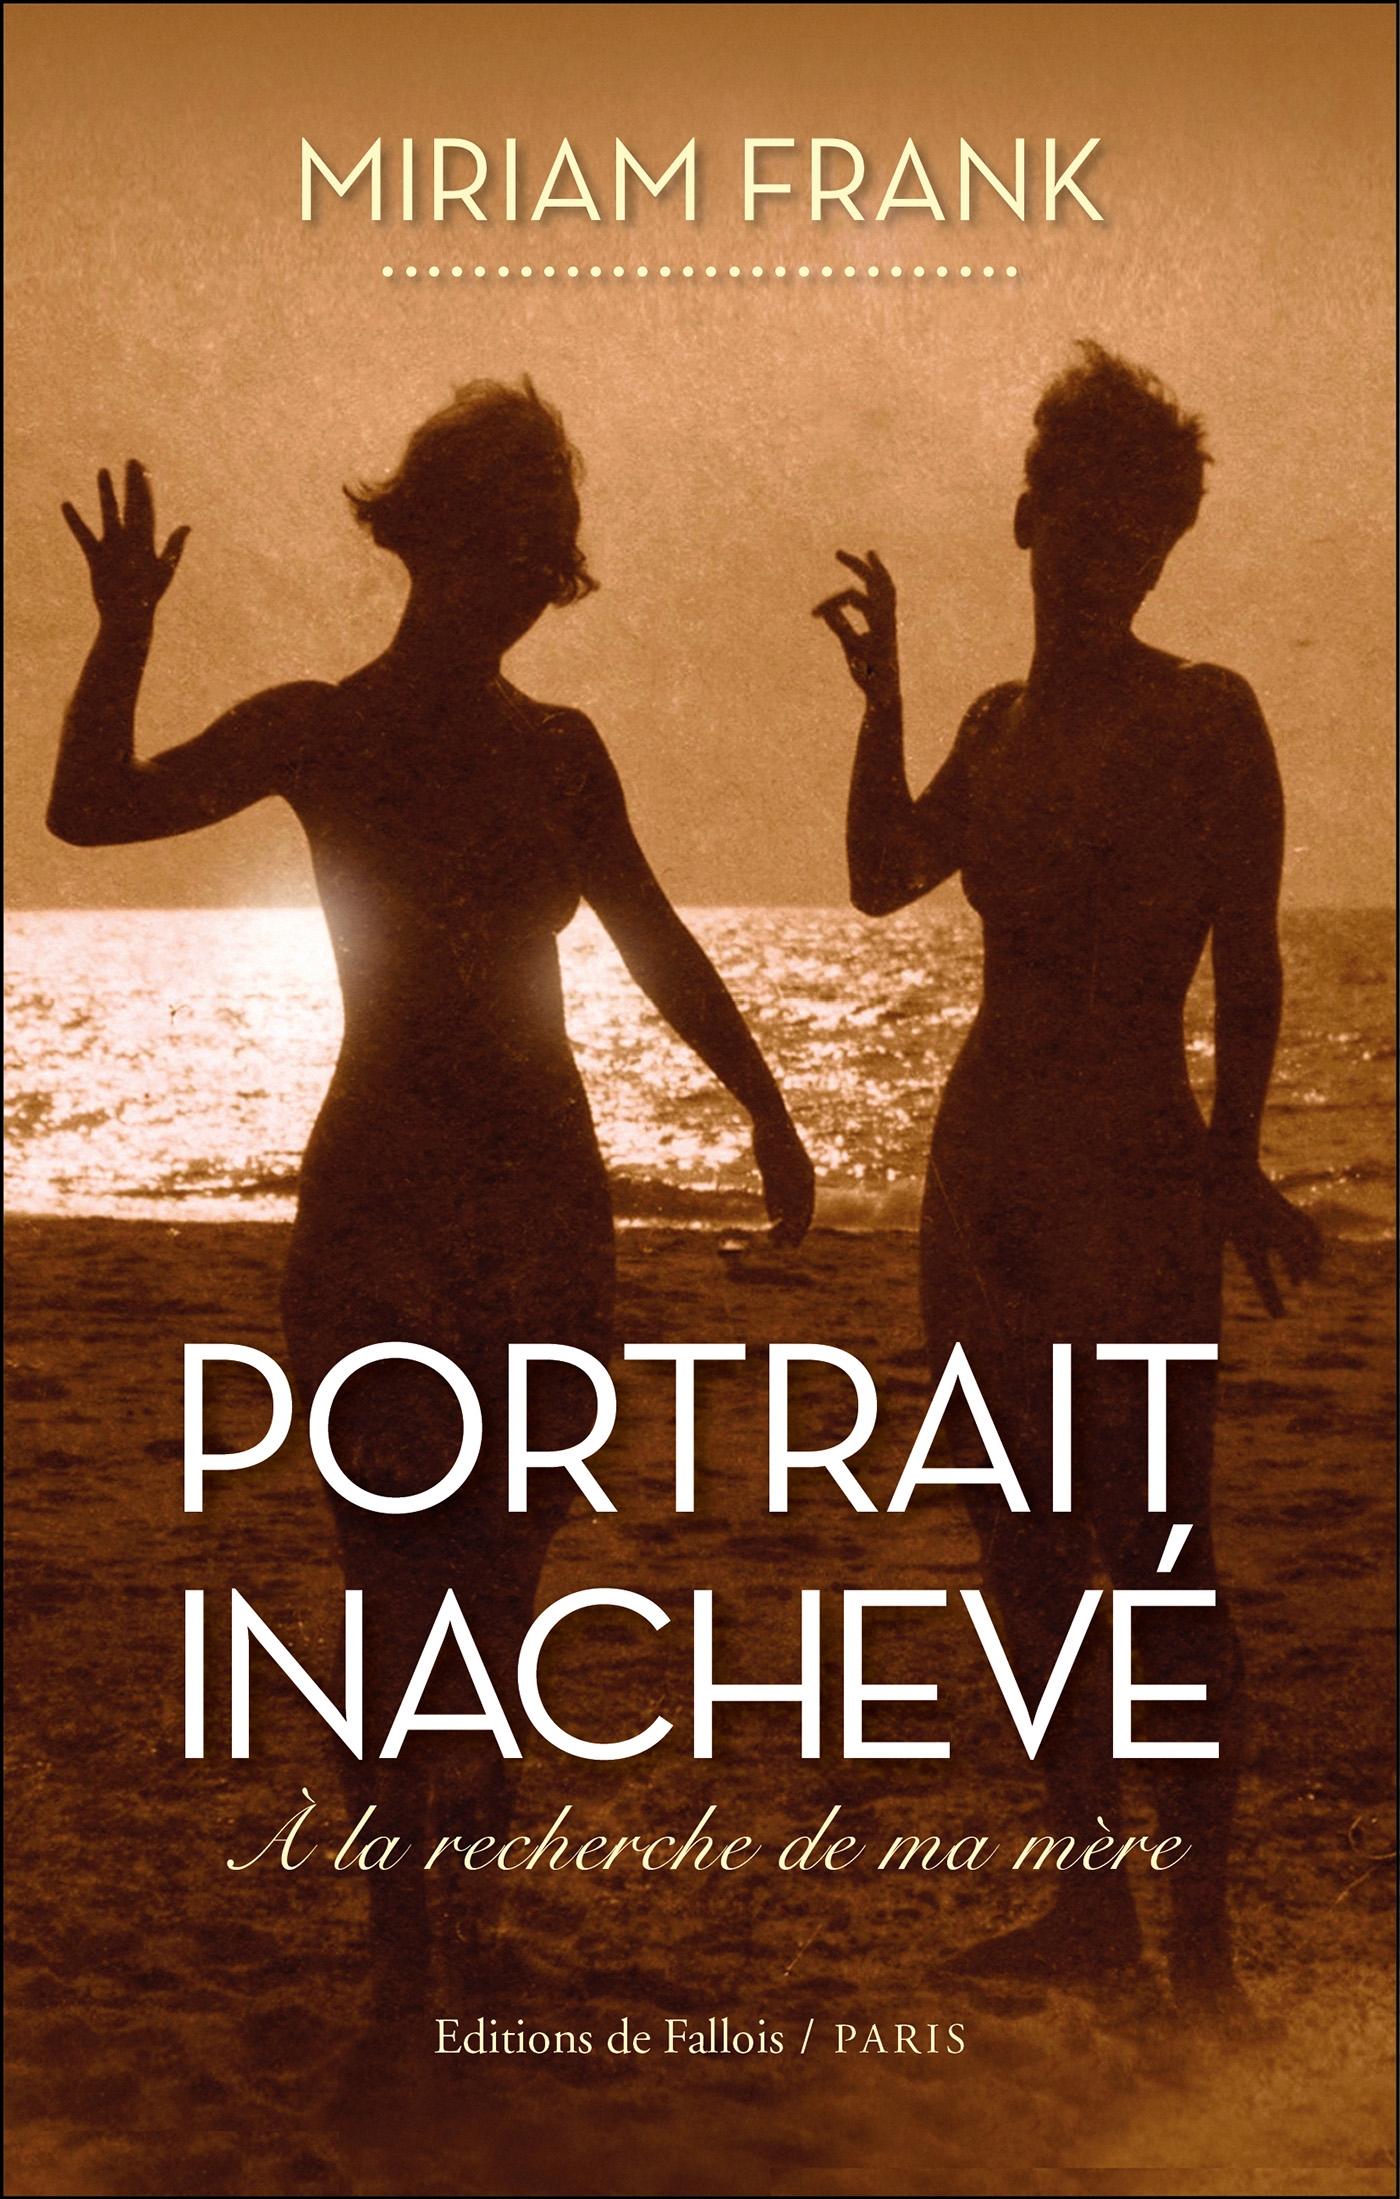 PORTRAIT INACHEVE - A LA RECHERCHE DE MA MERE